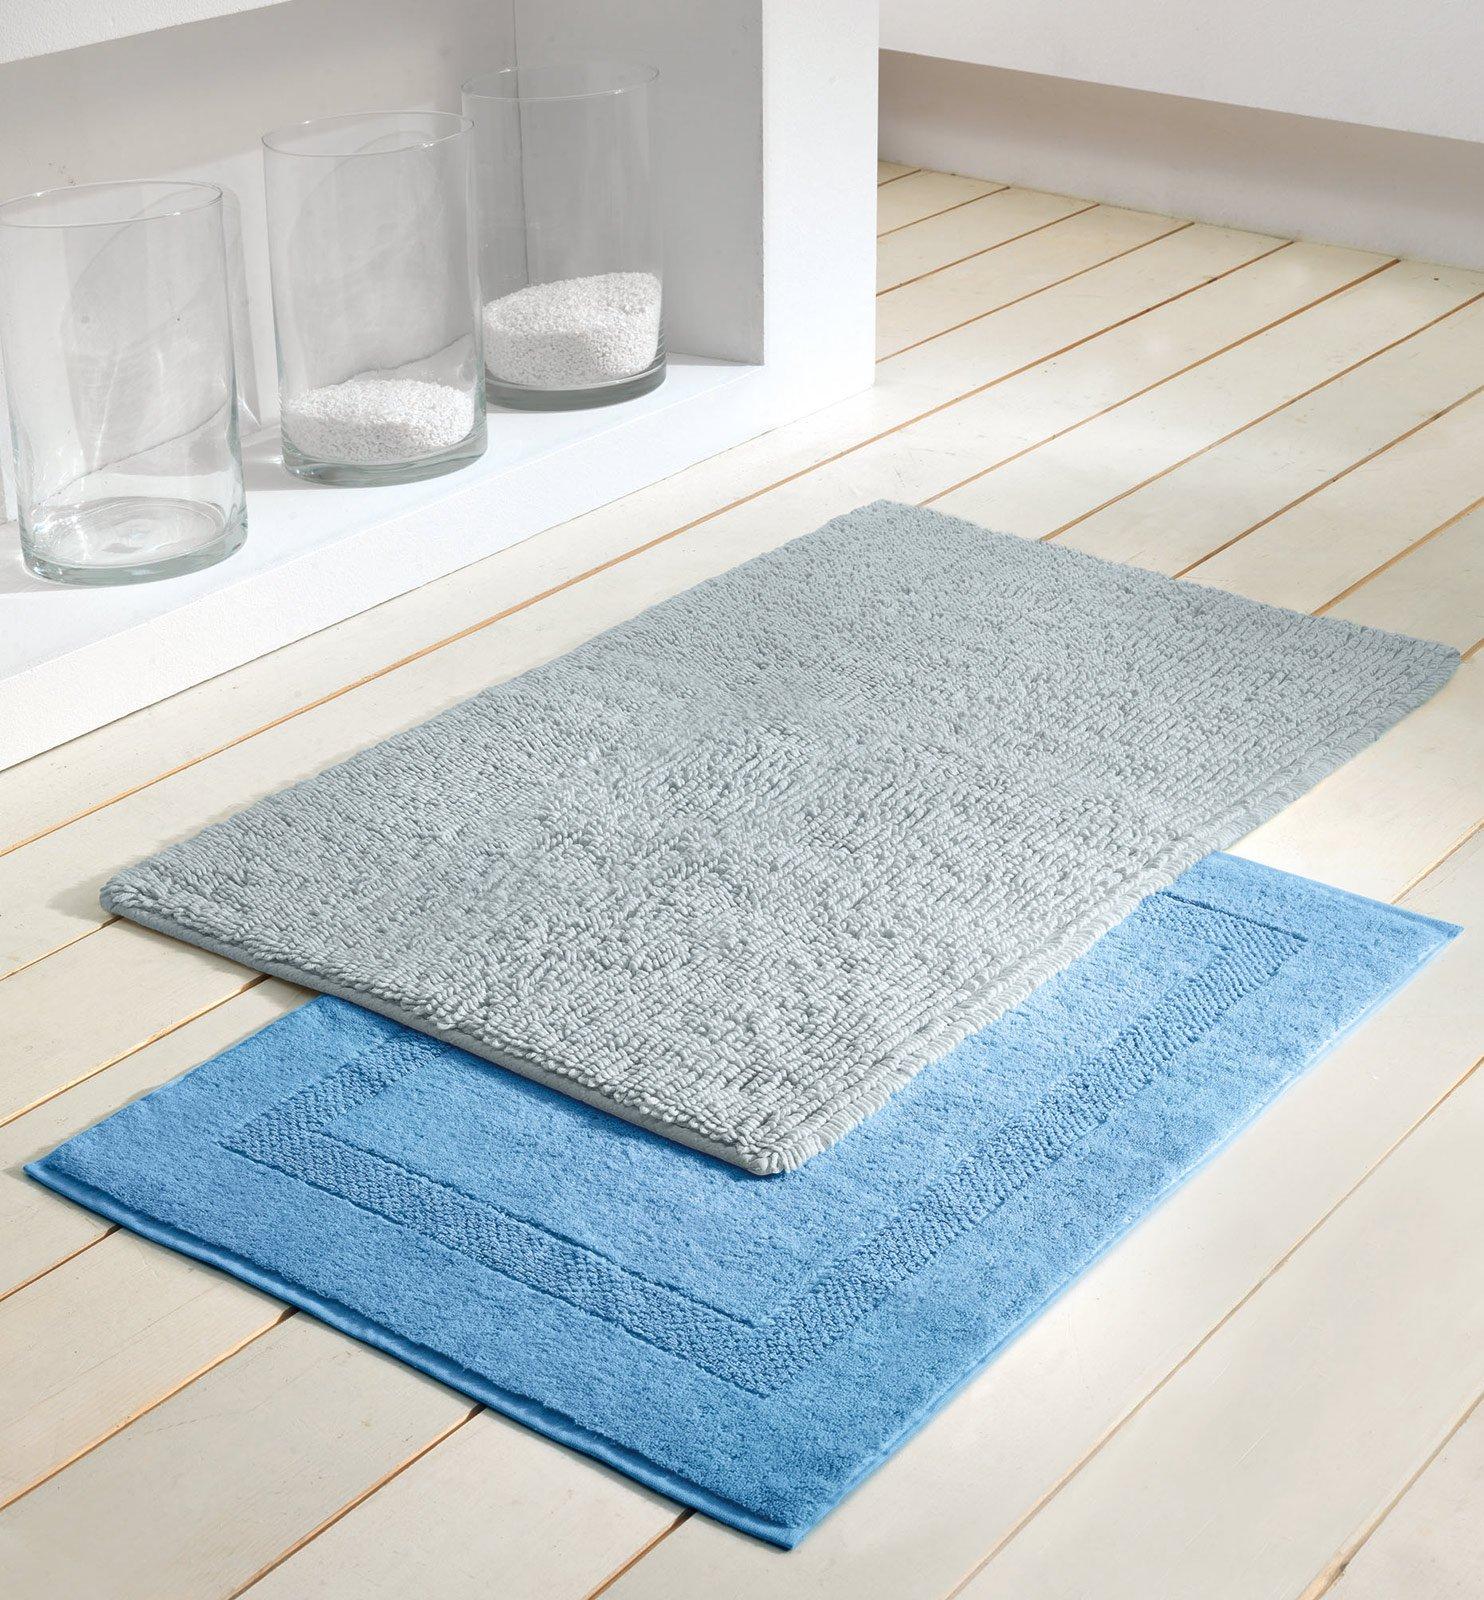 Tappeti per il bagno cose di casa - Spugna per pulire bagno ...